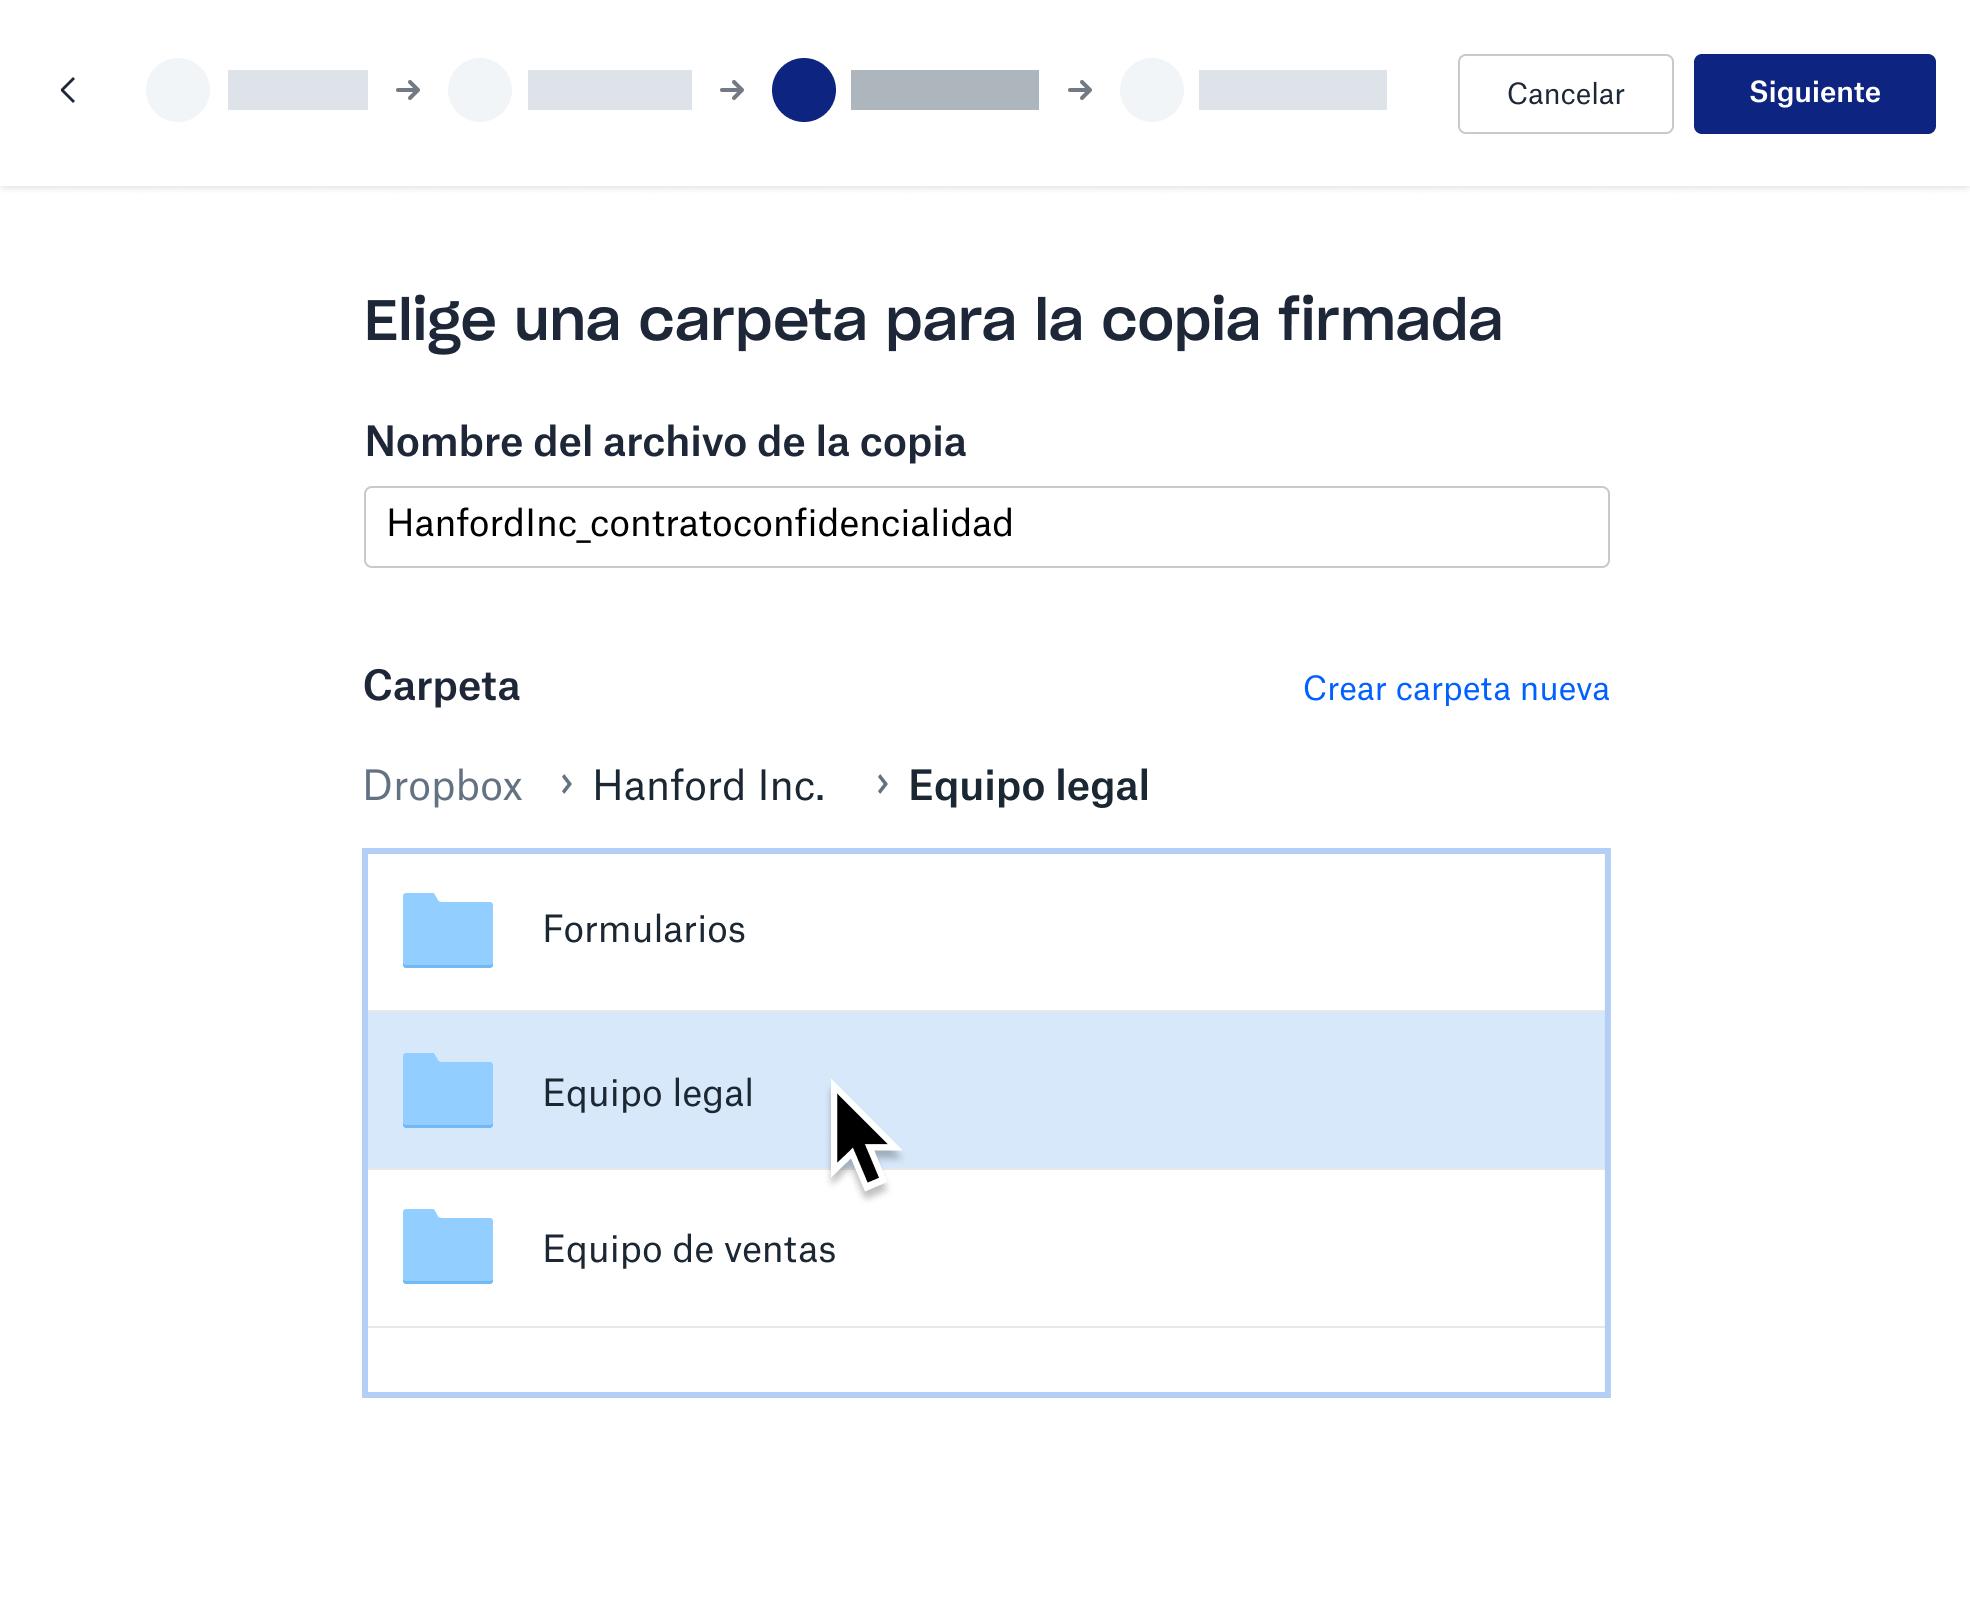 Captura de pantalla de la copia firmada almacenada en una carpeta de Dropbox